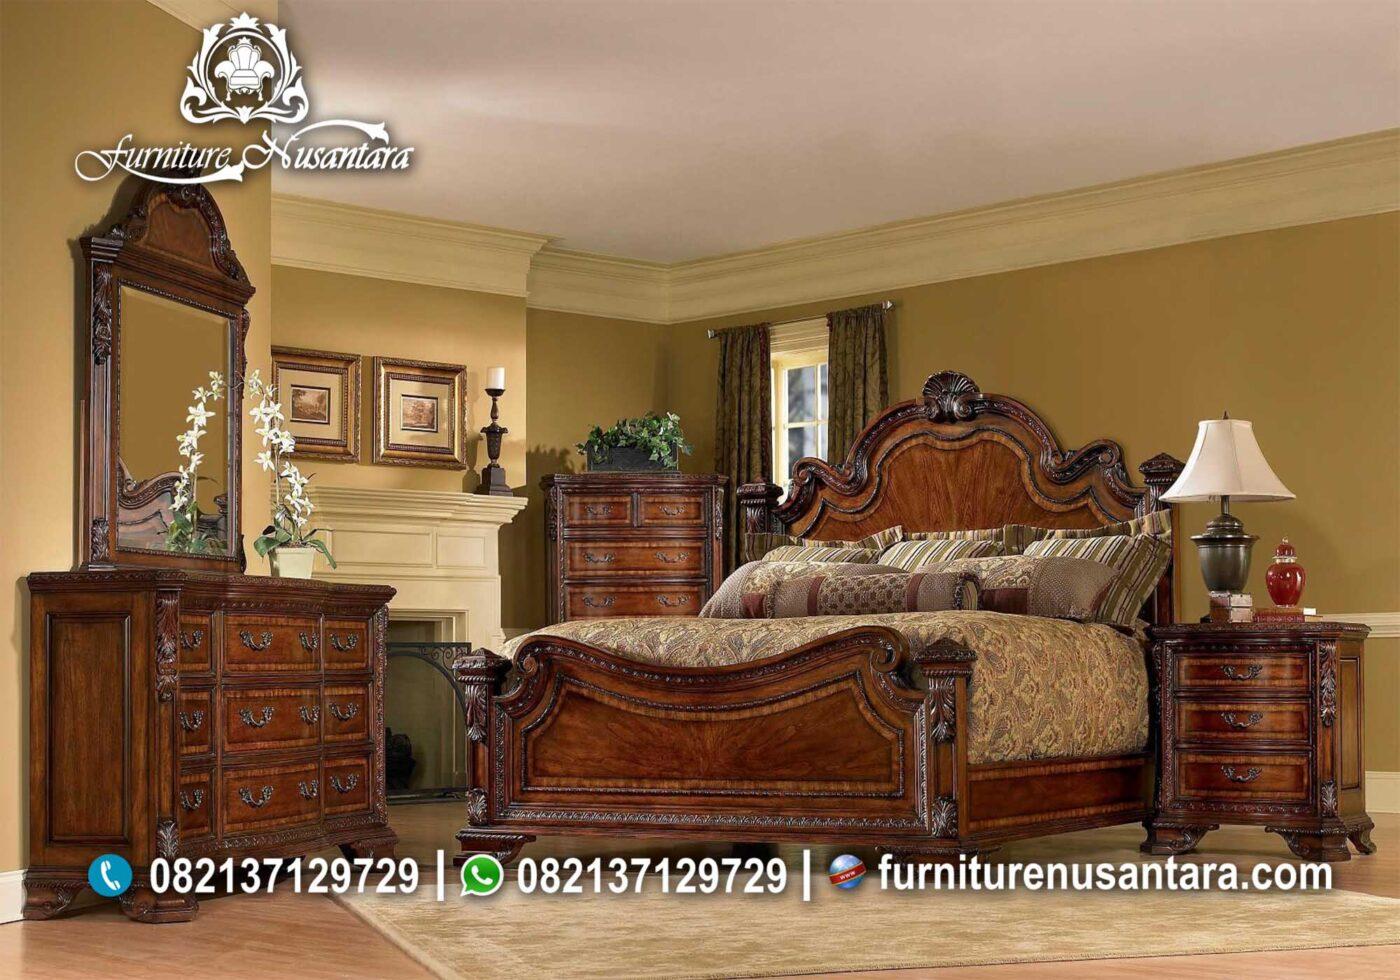 Ide Kamar Tidur Ukir Natural KS-28, Furniture Nusantara